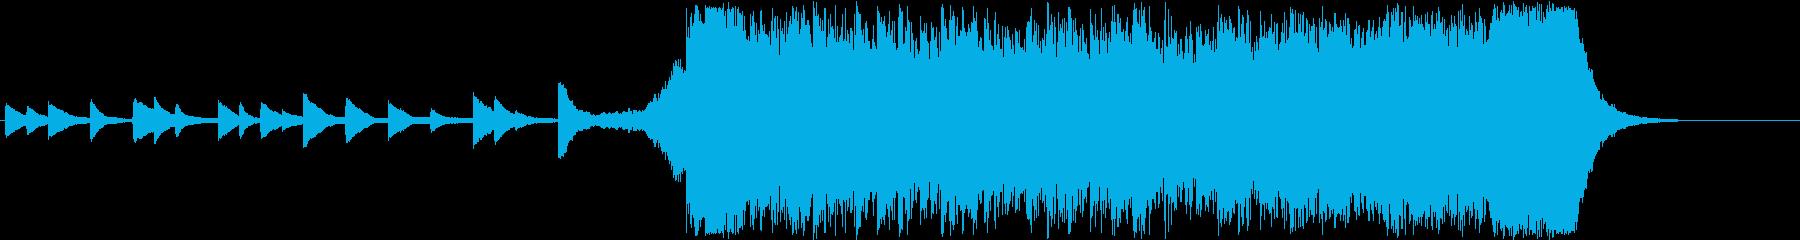 和風インスト5の再生済みの波形